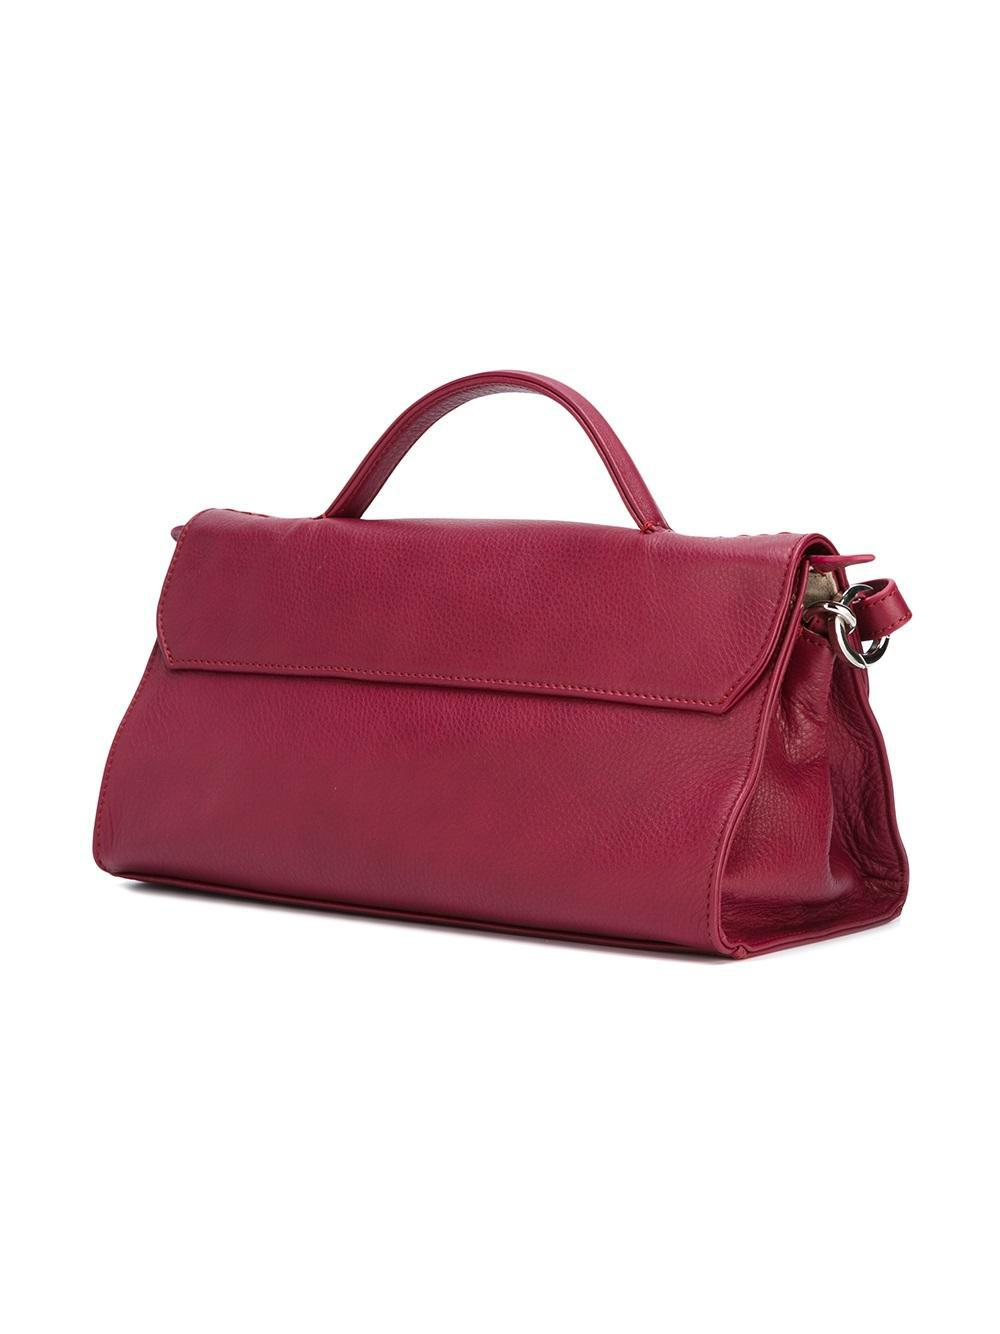 Zanellato Leather Soft 'marsiglia' Crossbody Bag in Red